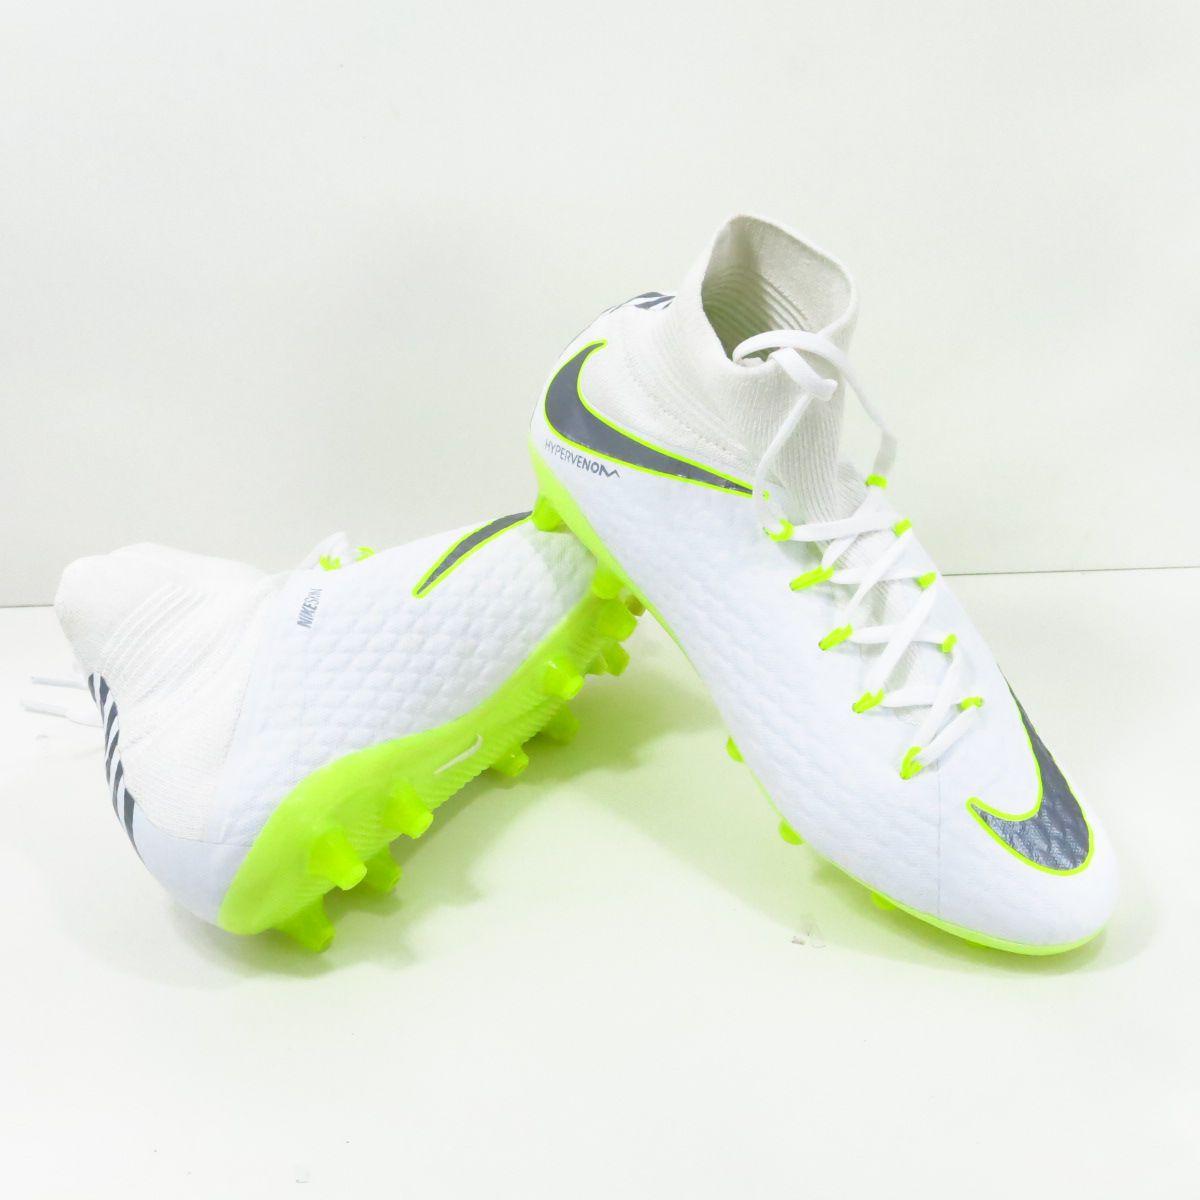 Chuteira Nike Hypervenom Phantom Pro AG